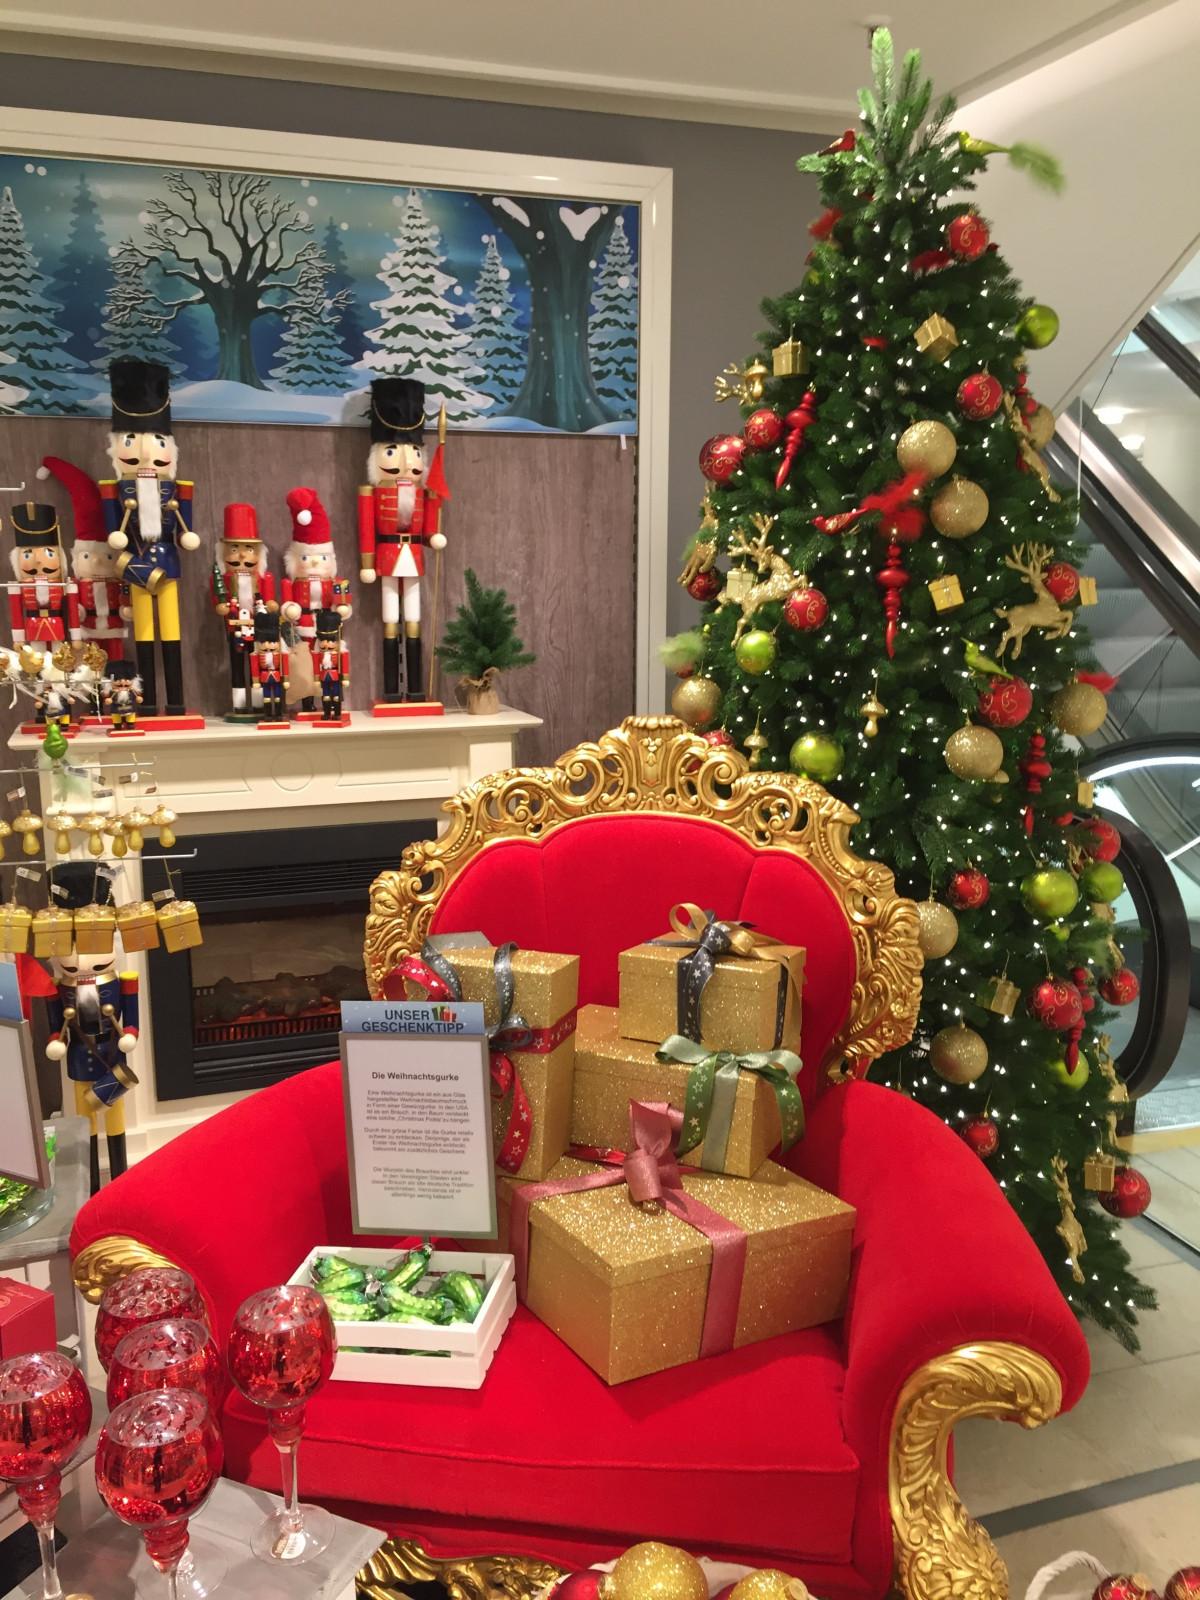 Gratis afbeeldingen vakantie kerstmis kerstboom komst kerst decoratie kerstavond - Decoracion fiesta navidad ...